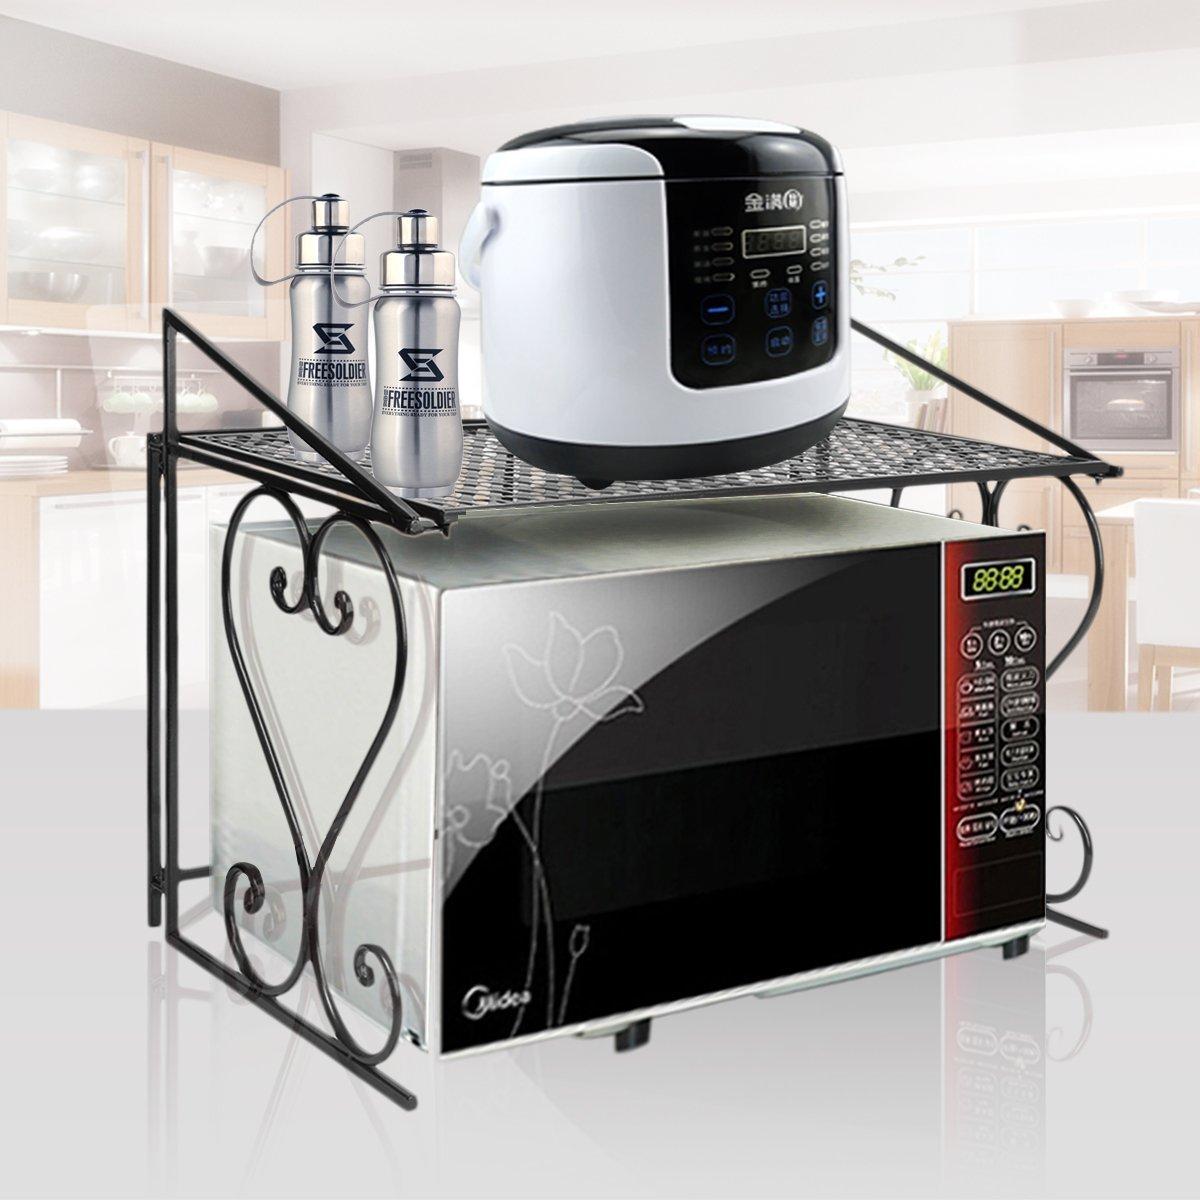 Aishn - Scaffale stabile per microonde, in metallo Teflon, scaffale decorativo da cucina , nero